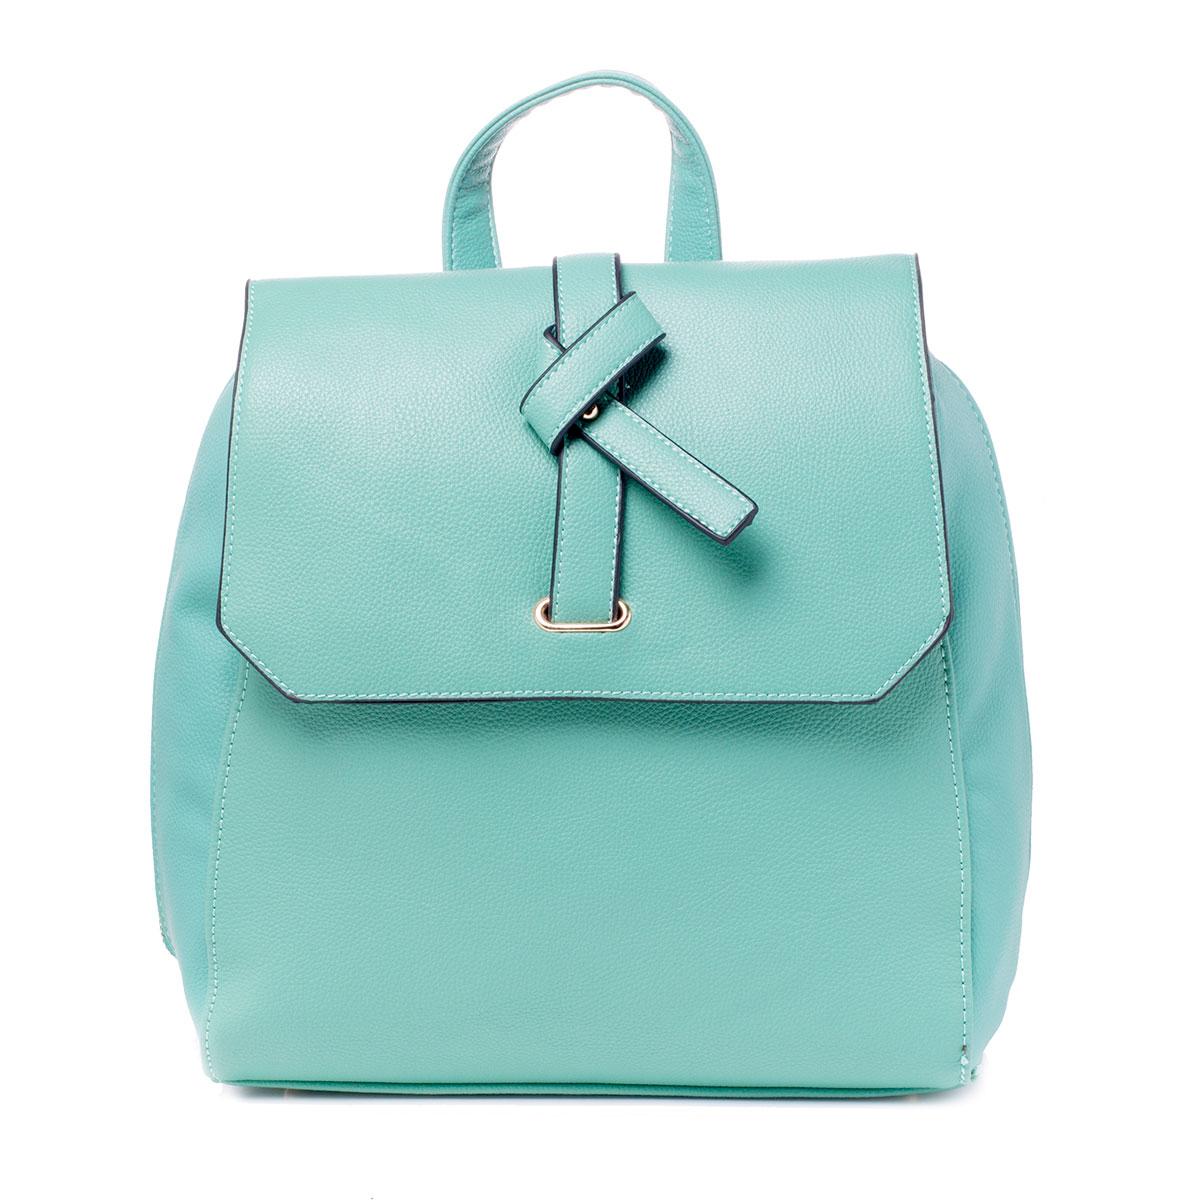 Сумка-рюкзак женская Baggini, цвет: бирюзовый. 29793/5229793/52Рюкзак жен., иск. кожа